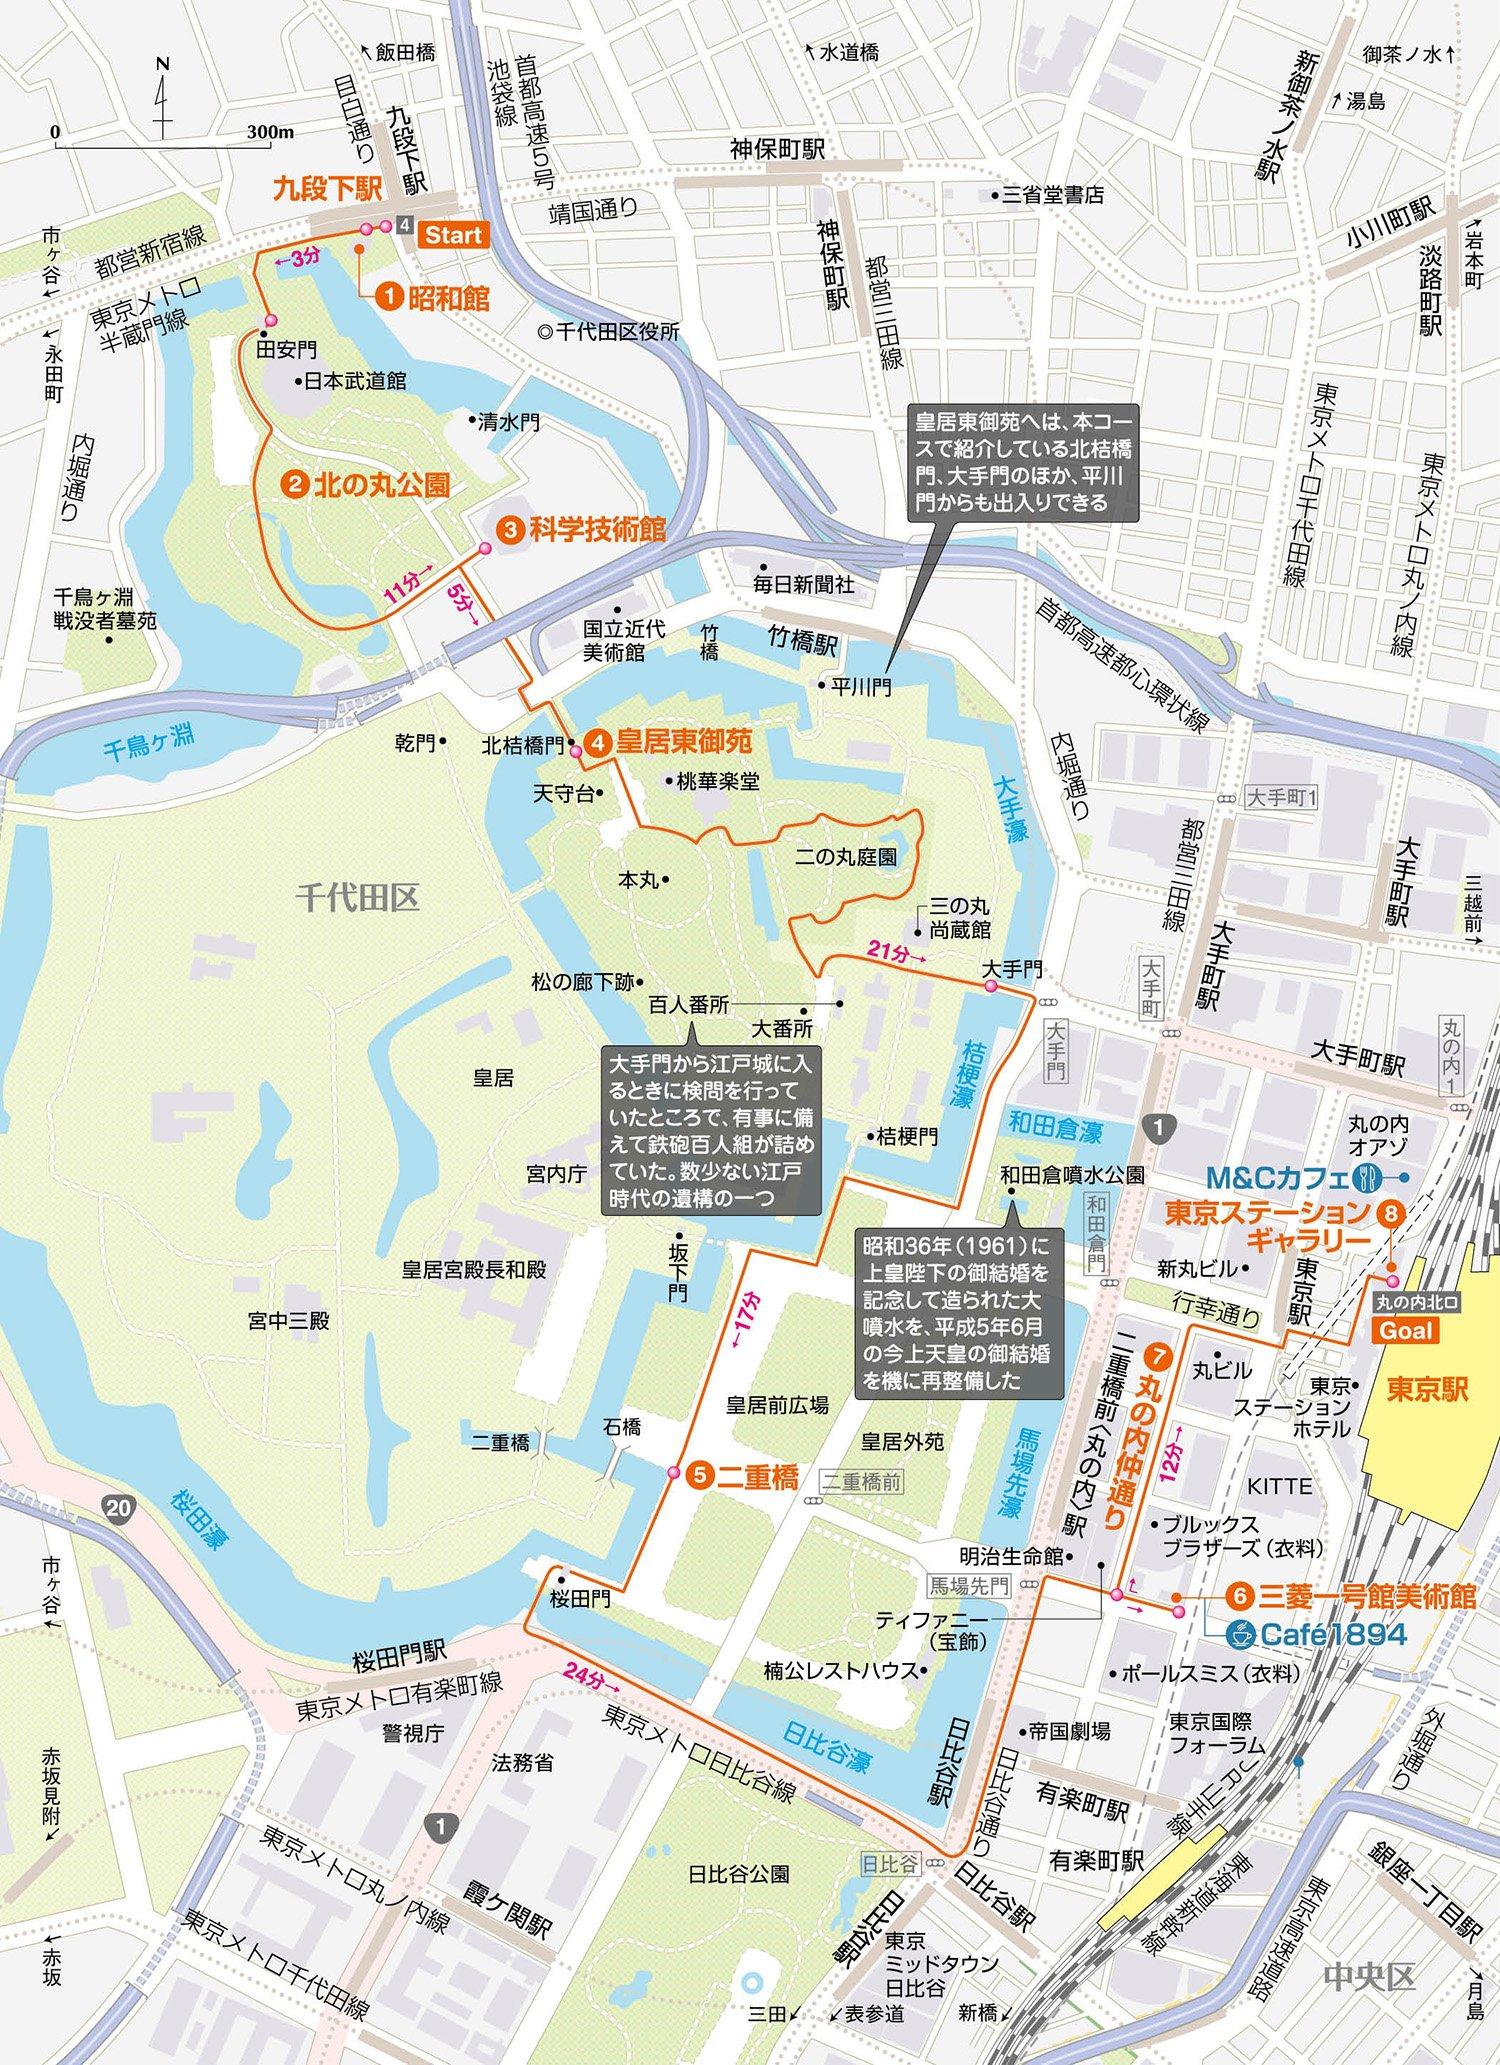 MAP_04_皇居